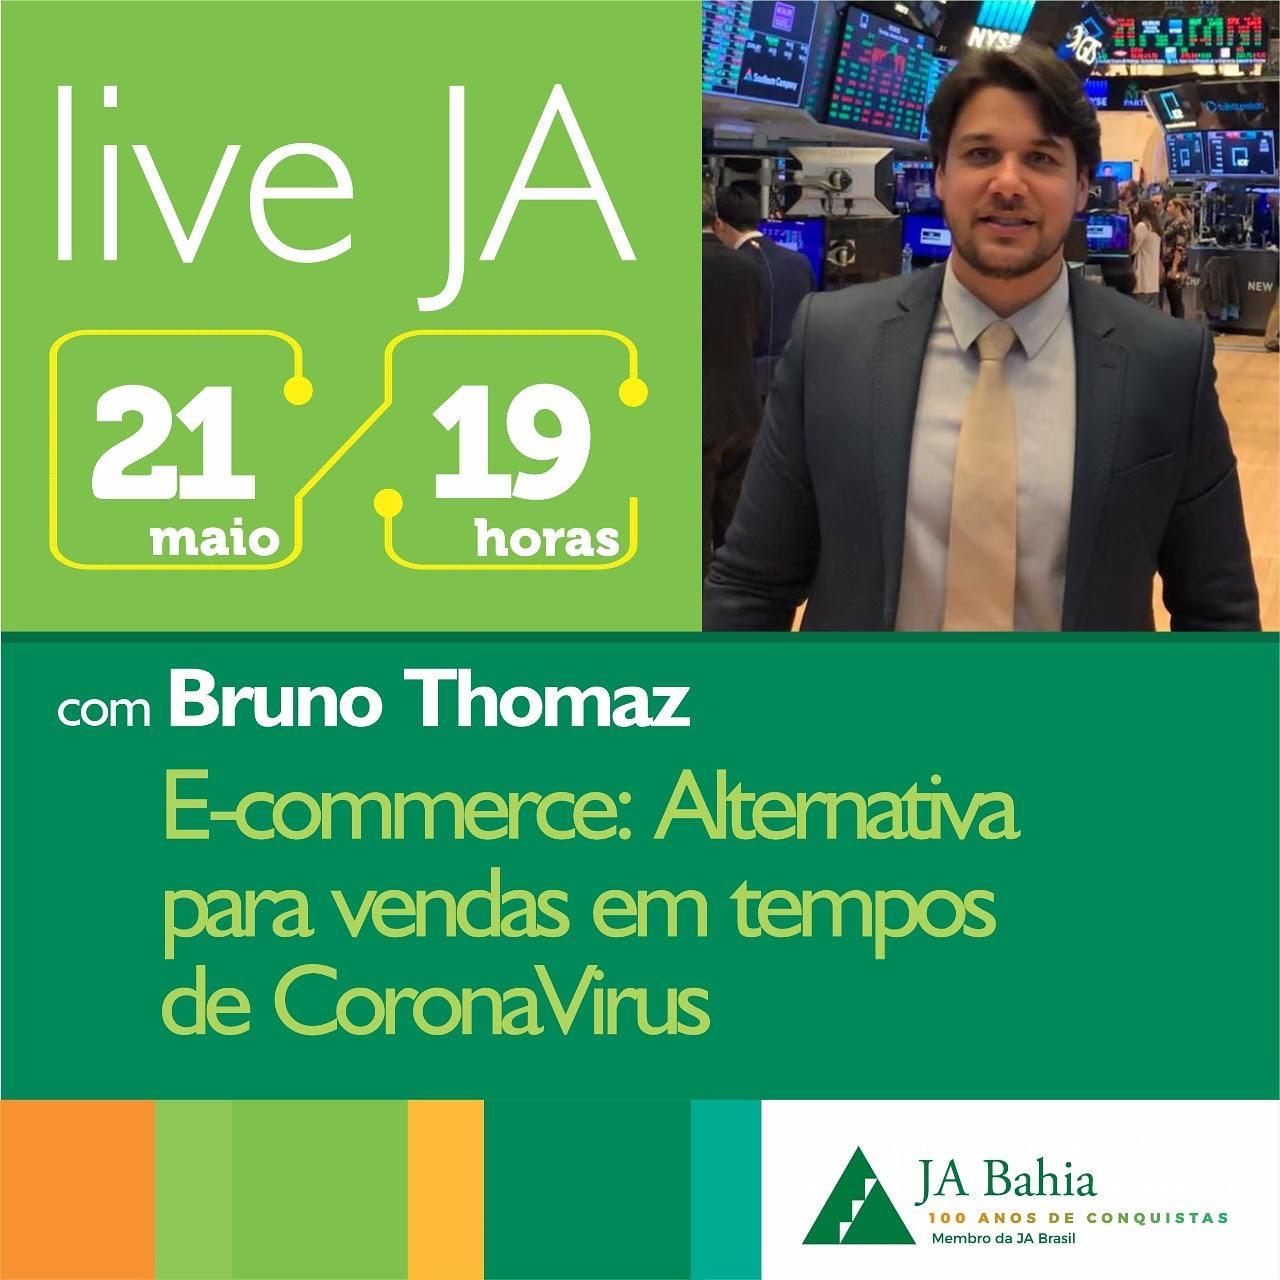 #LIVEJA com Bruno Thomaz